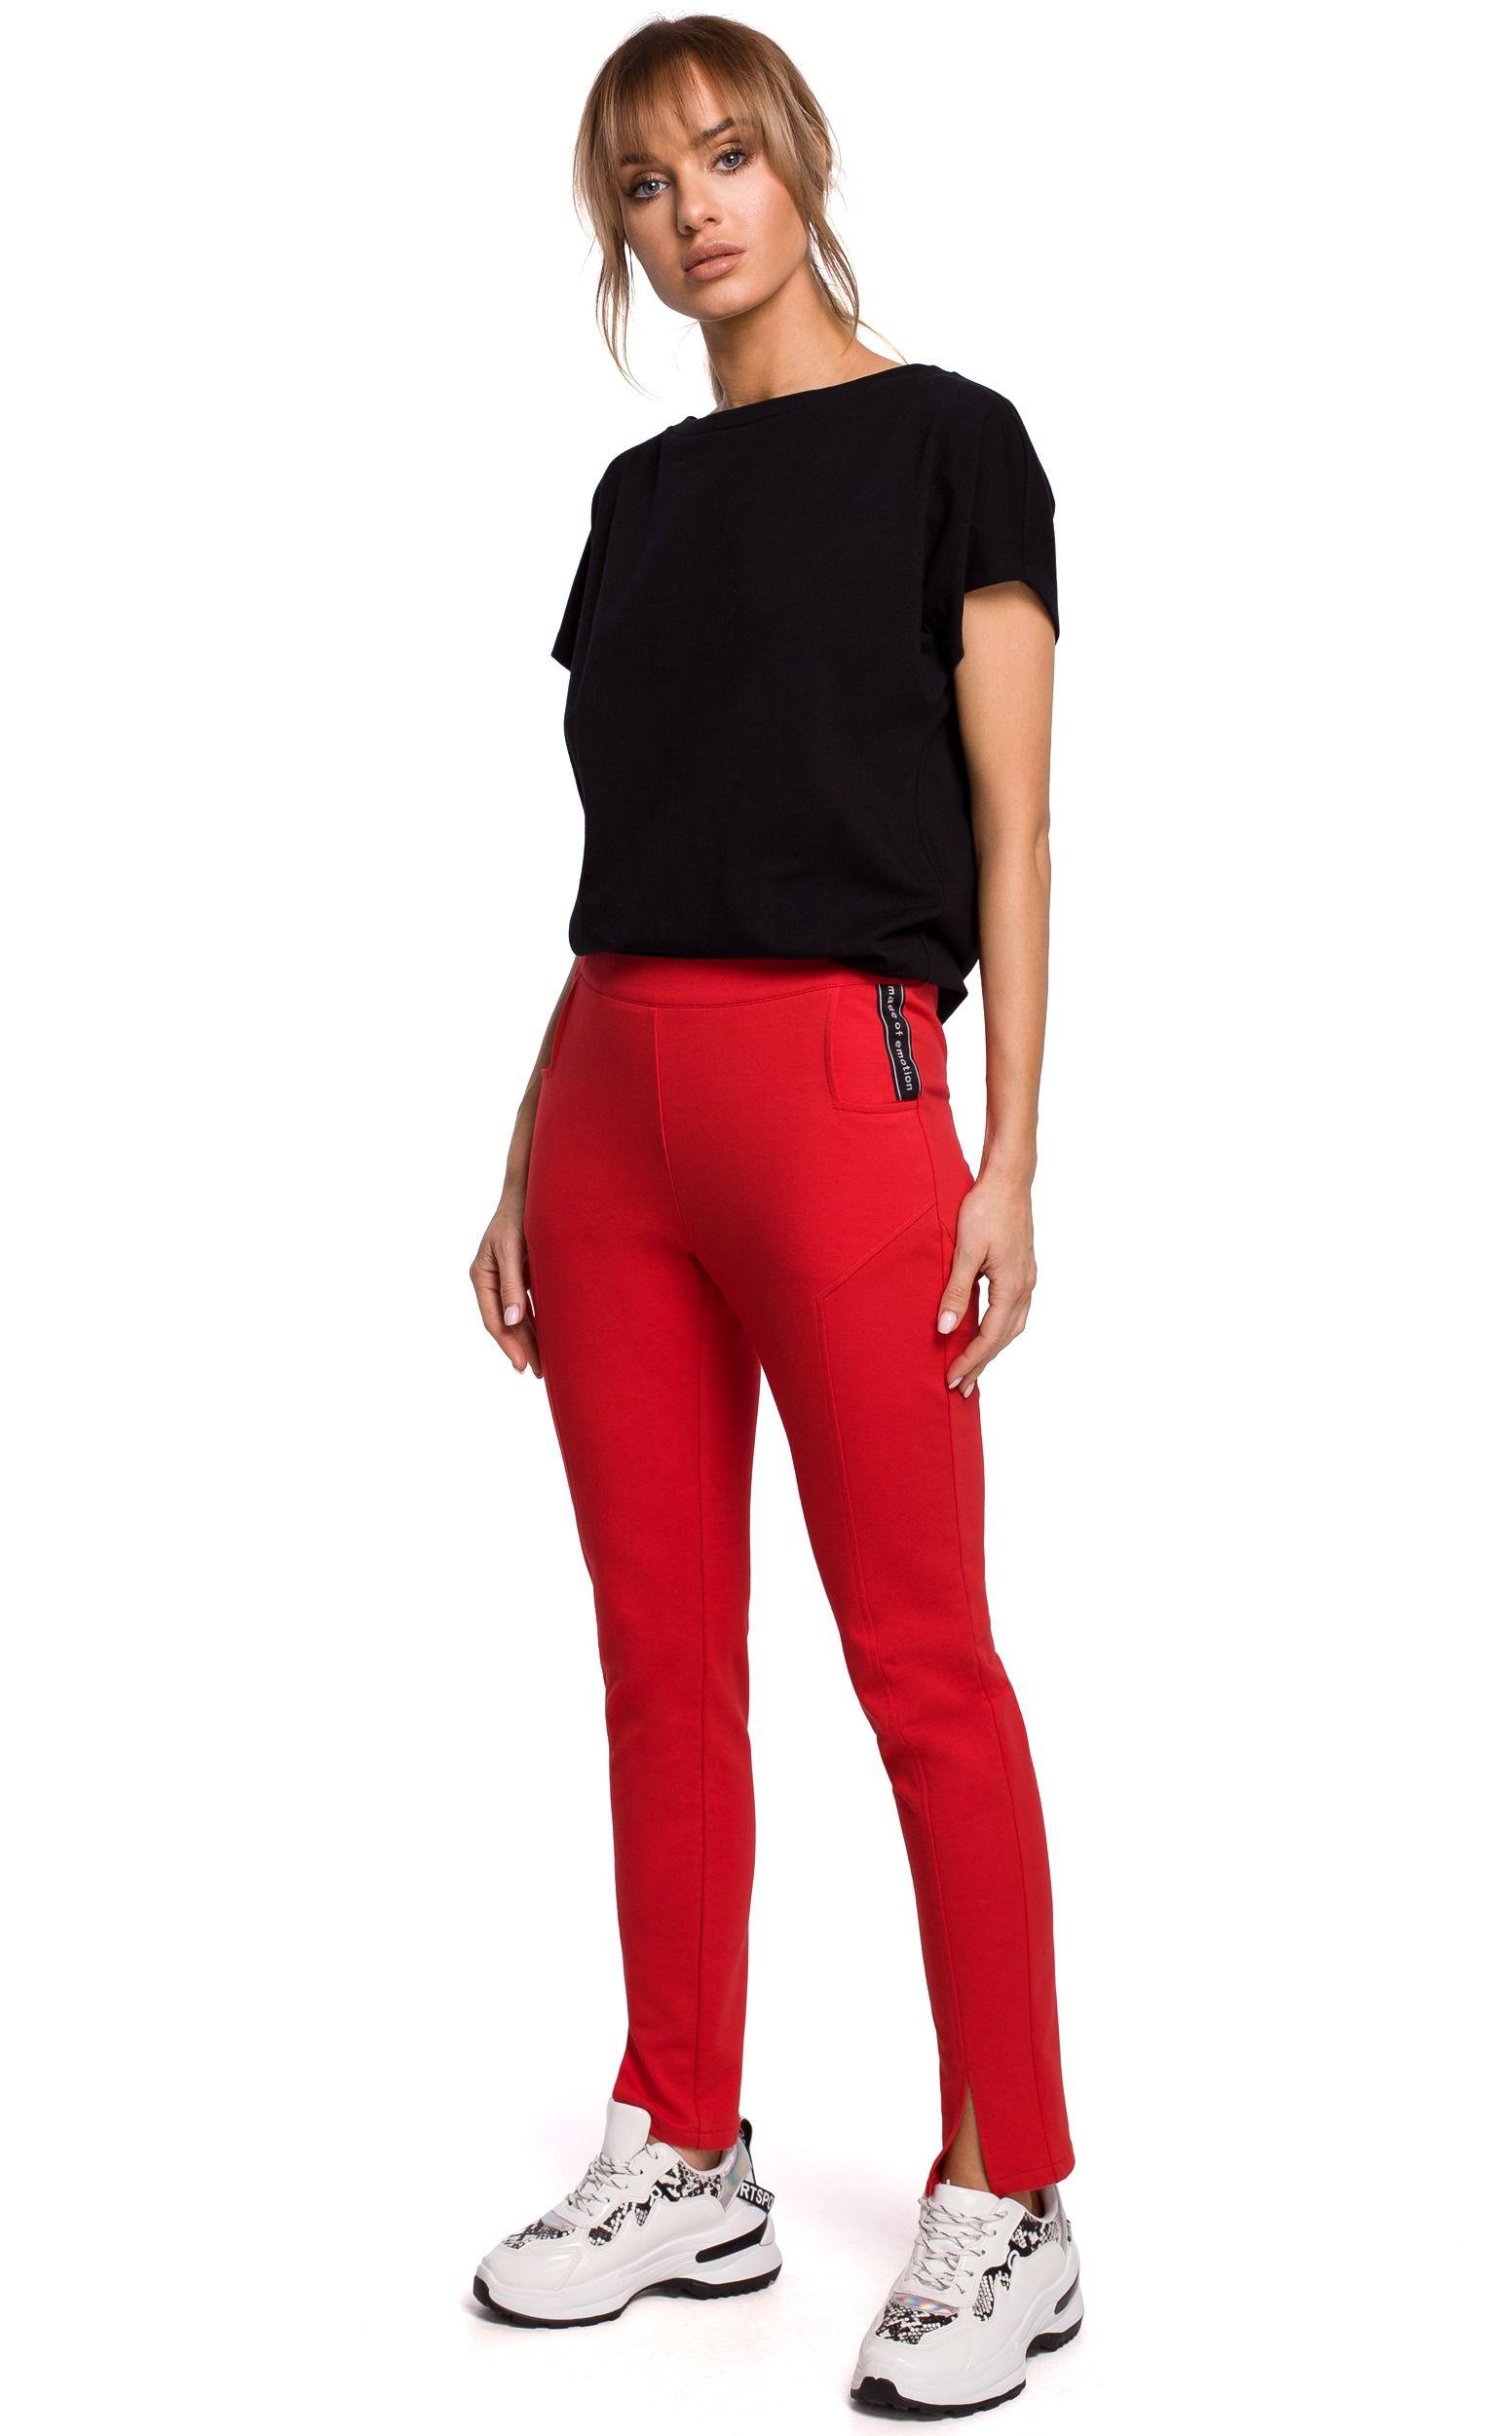 Dresowe spodnie z rozciętą nogawką - czerwone